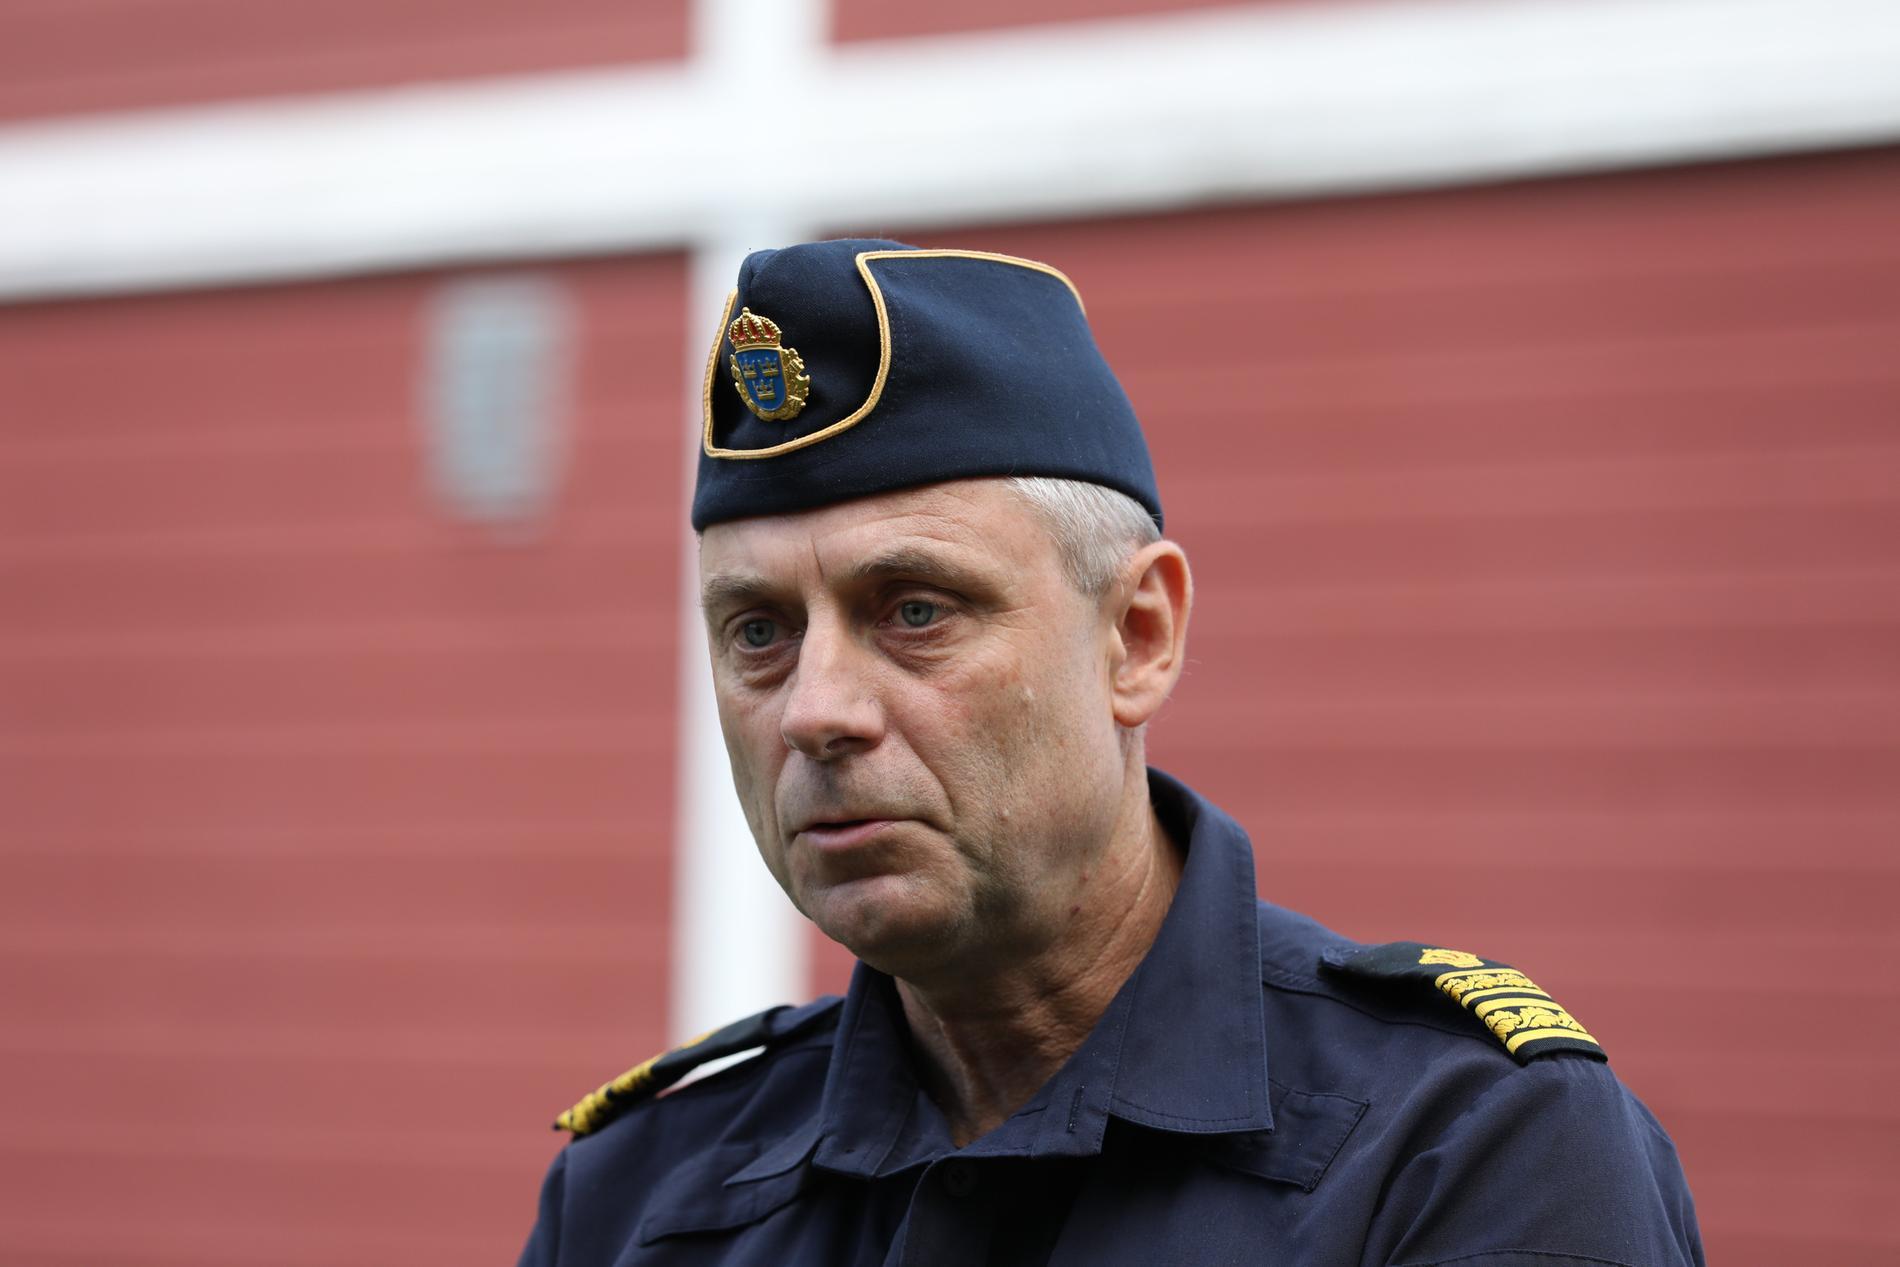 """""""Det är en oerhört allvarlig utveckling som jag ser det"""", säger lokalpolisområdeschefen Anders Olofsson."""